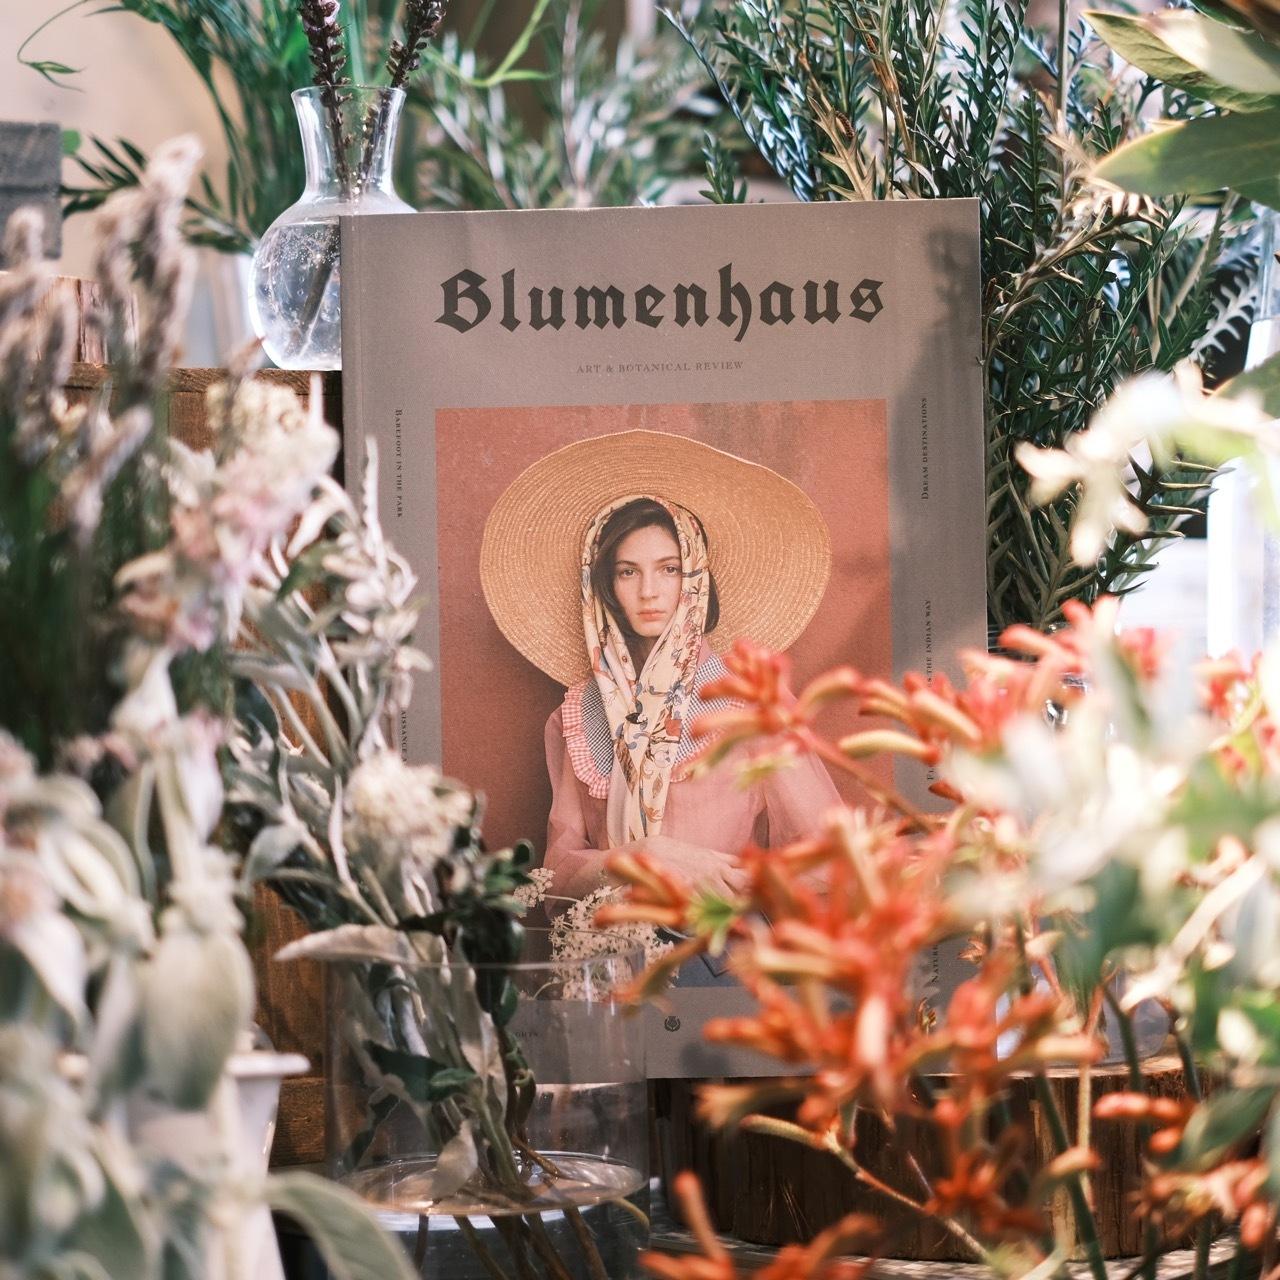 Blumenhaus / Blumenhaus magazine